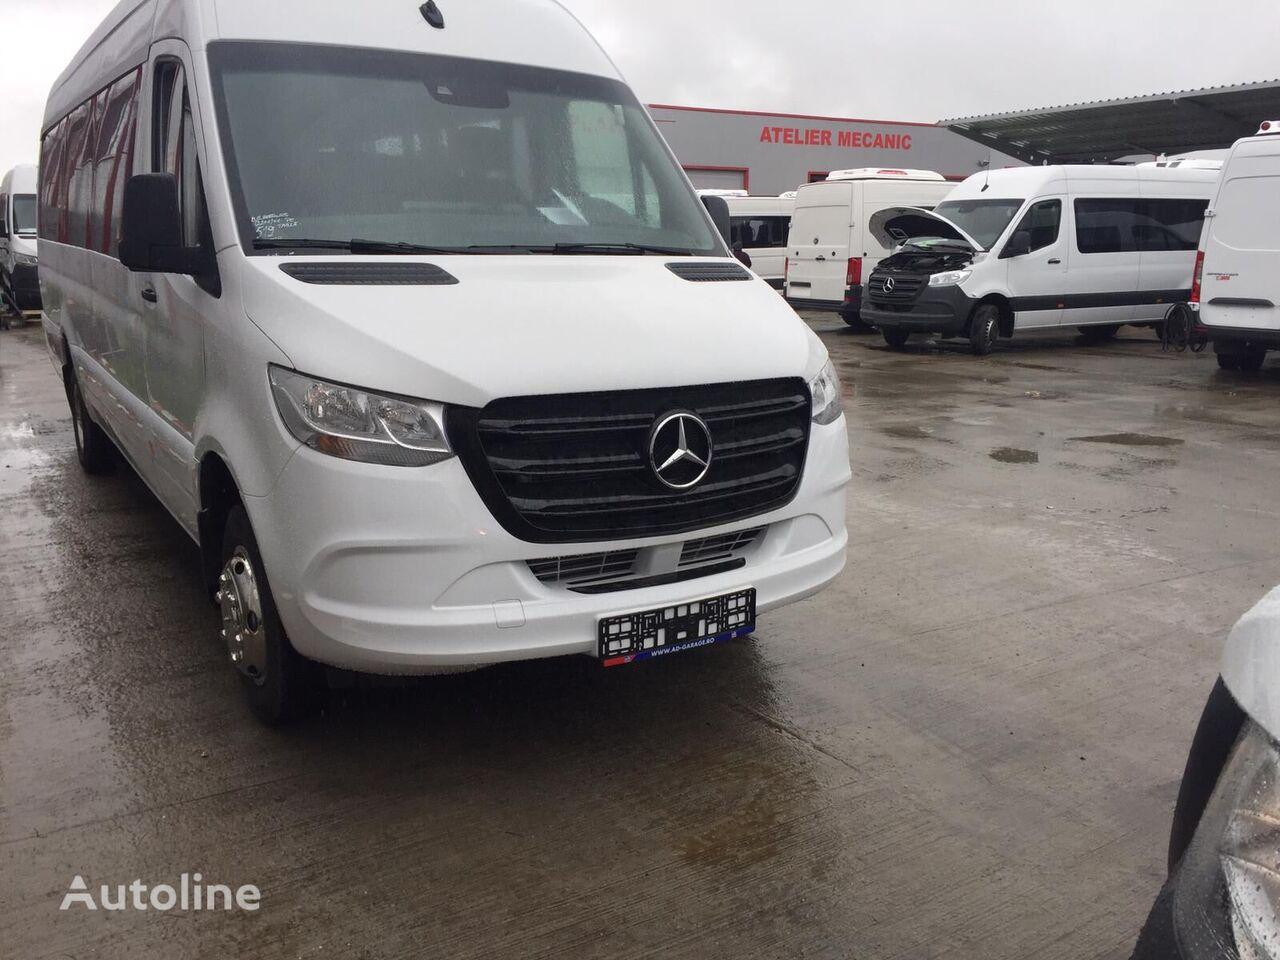 jauns MERCEDES-BENZ Sprinter IDILIS 516,  22+1+1  *COC*  prolonged with 50cm fiber/s mikroautobuss pasažieru